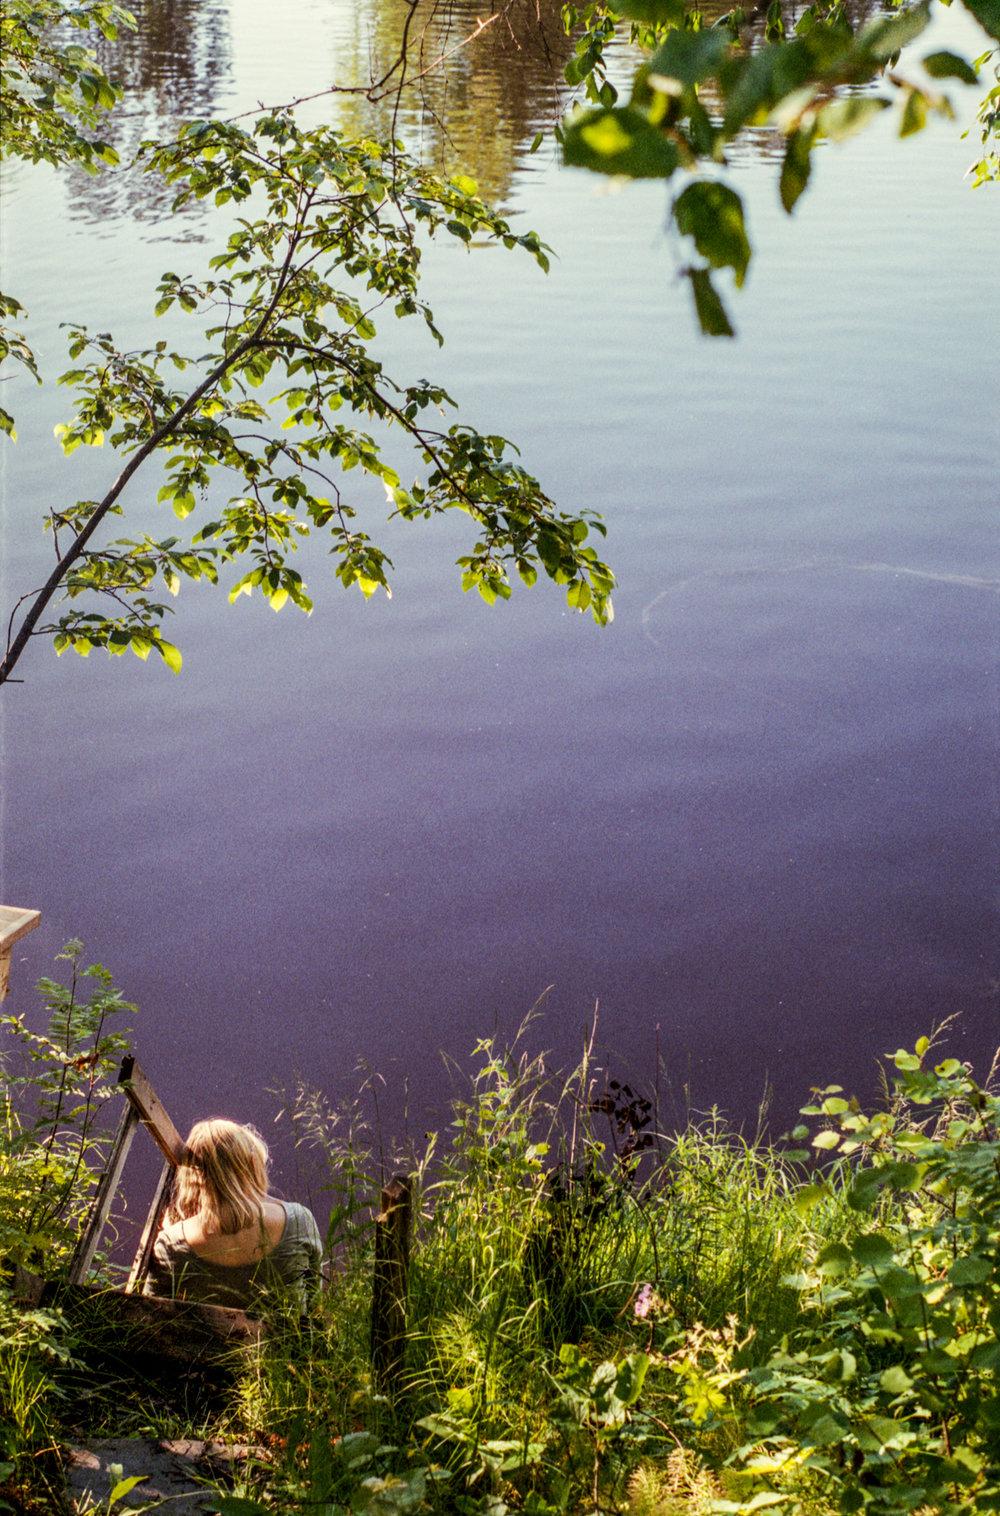 017_20141113_notebook_veikkokahkonen_scannedUntitled-17.jpg